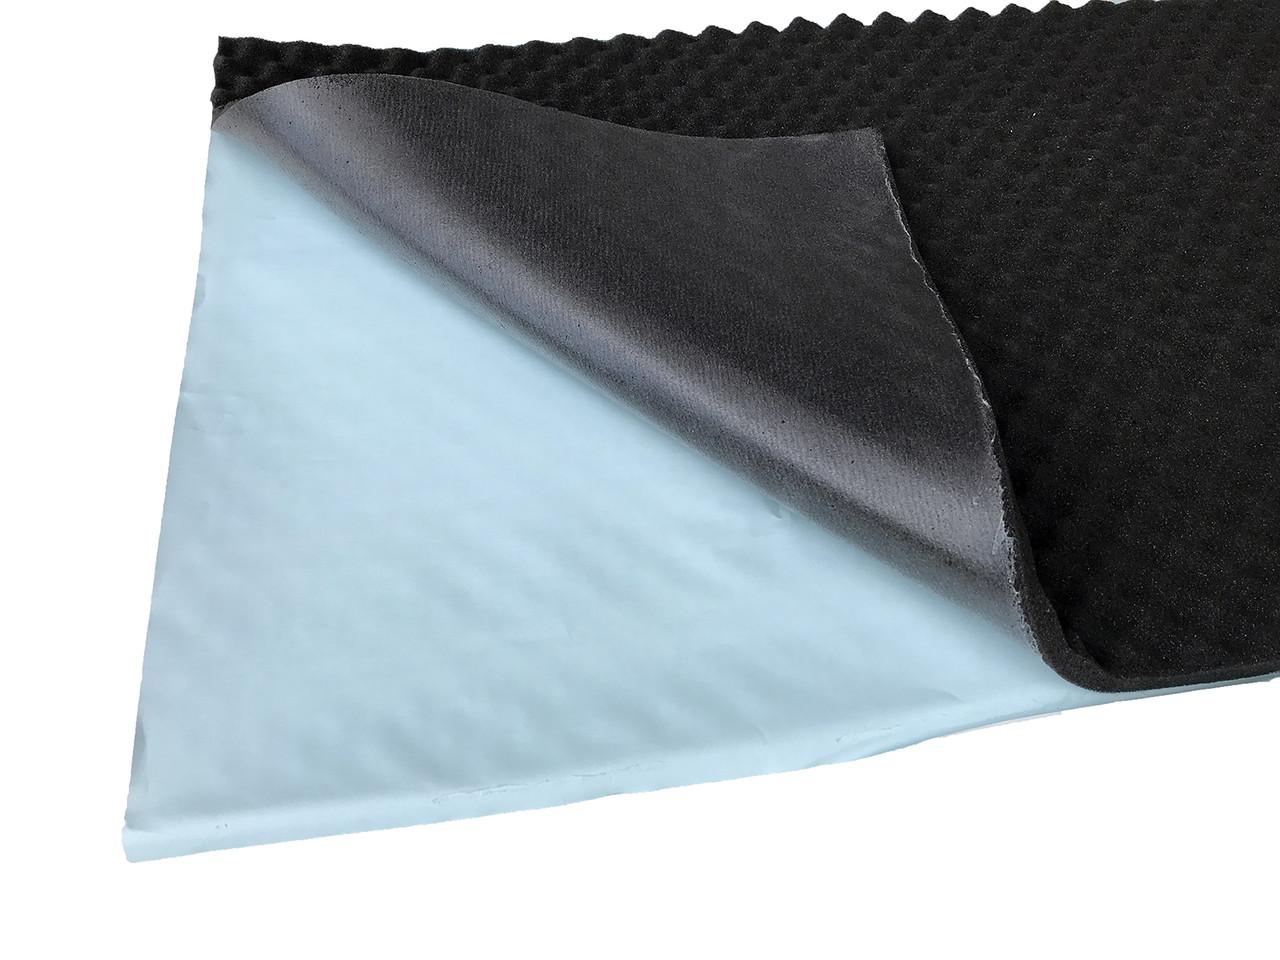 Шумоізоляція із спіненого пінополіуретану з липким шаром 100х50х1.5см SoundProOFF SoundWave 15